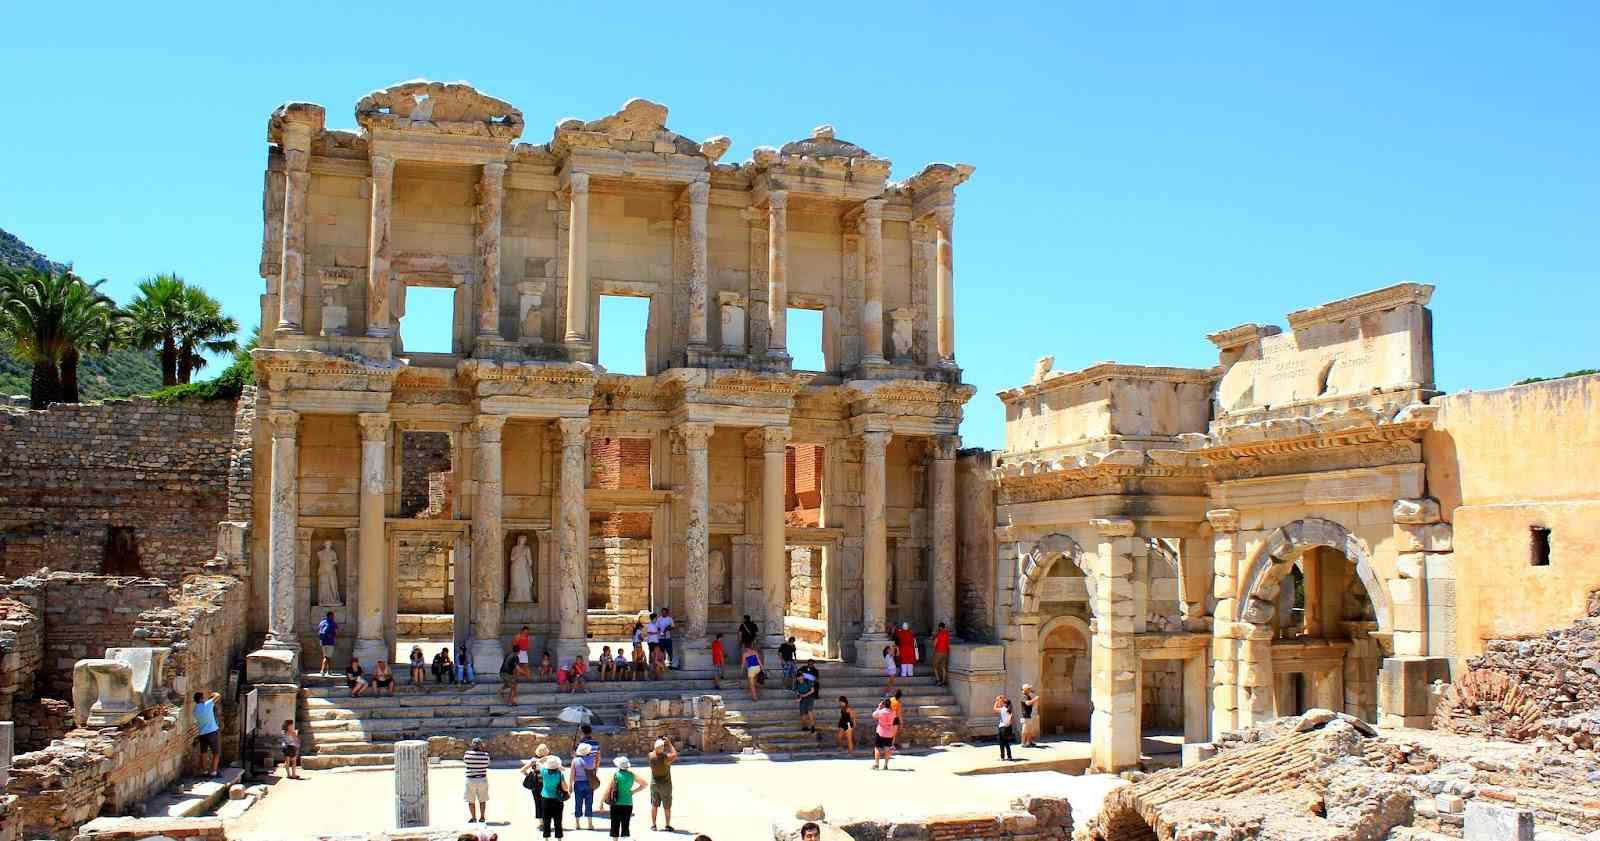 اماكن سياحية في ازمير من اشهرها مدينة افسس التاريخية وهي من اهم معالم السياحة في ازمير واحدا اشهر الاماكن السياحية في ازمير تركيا